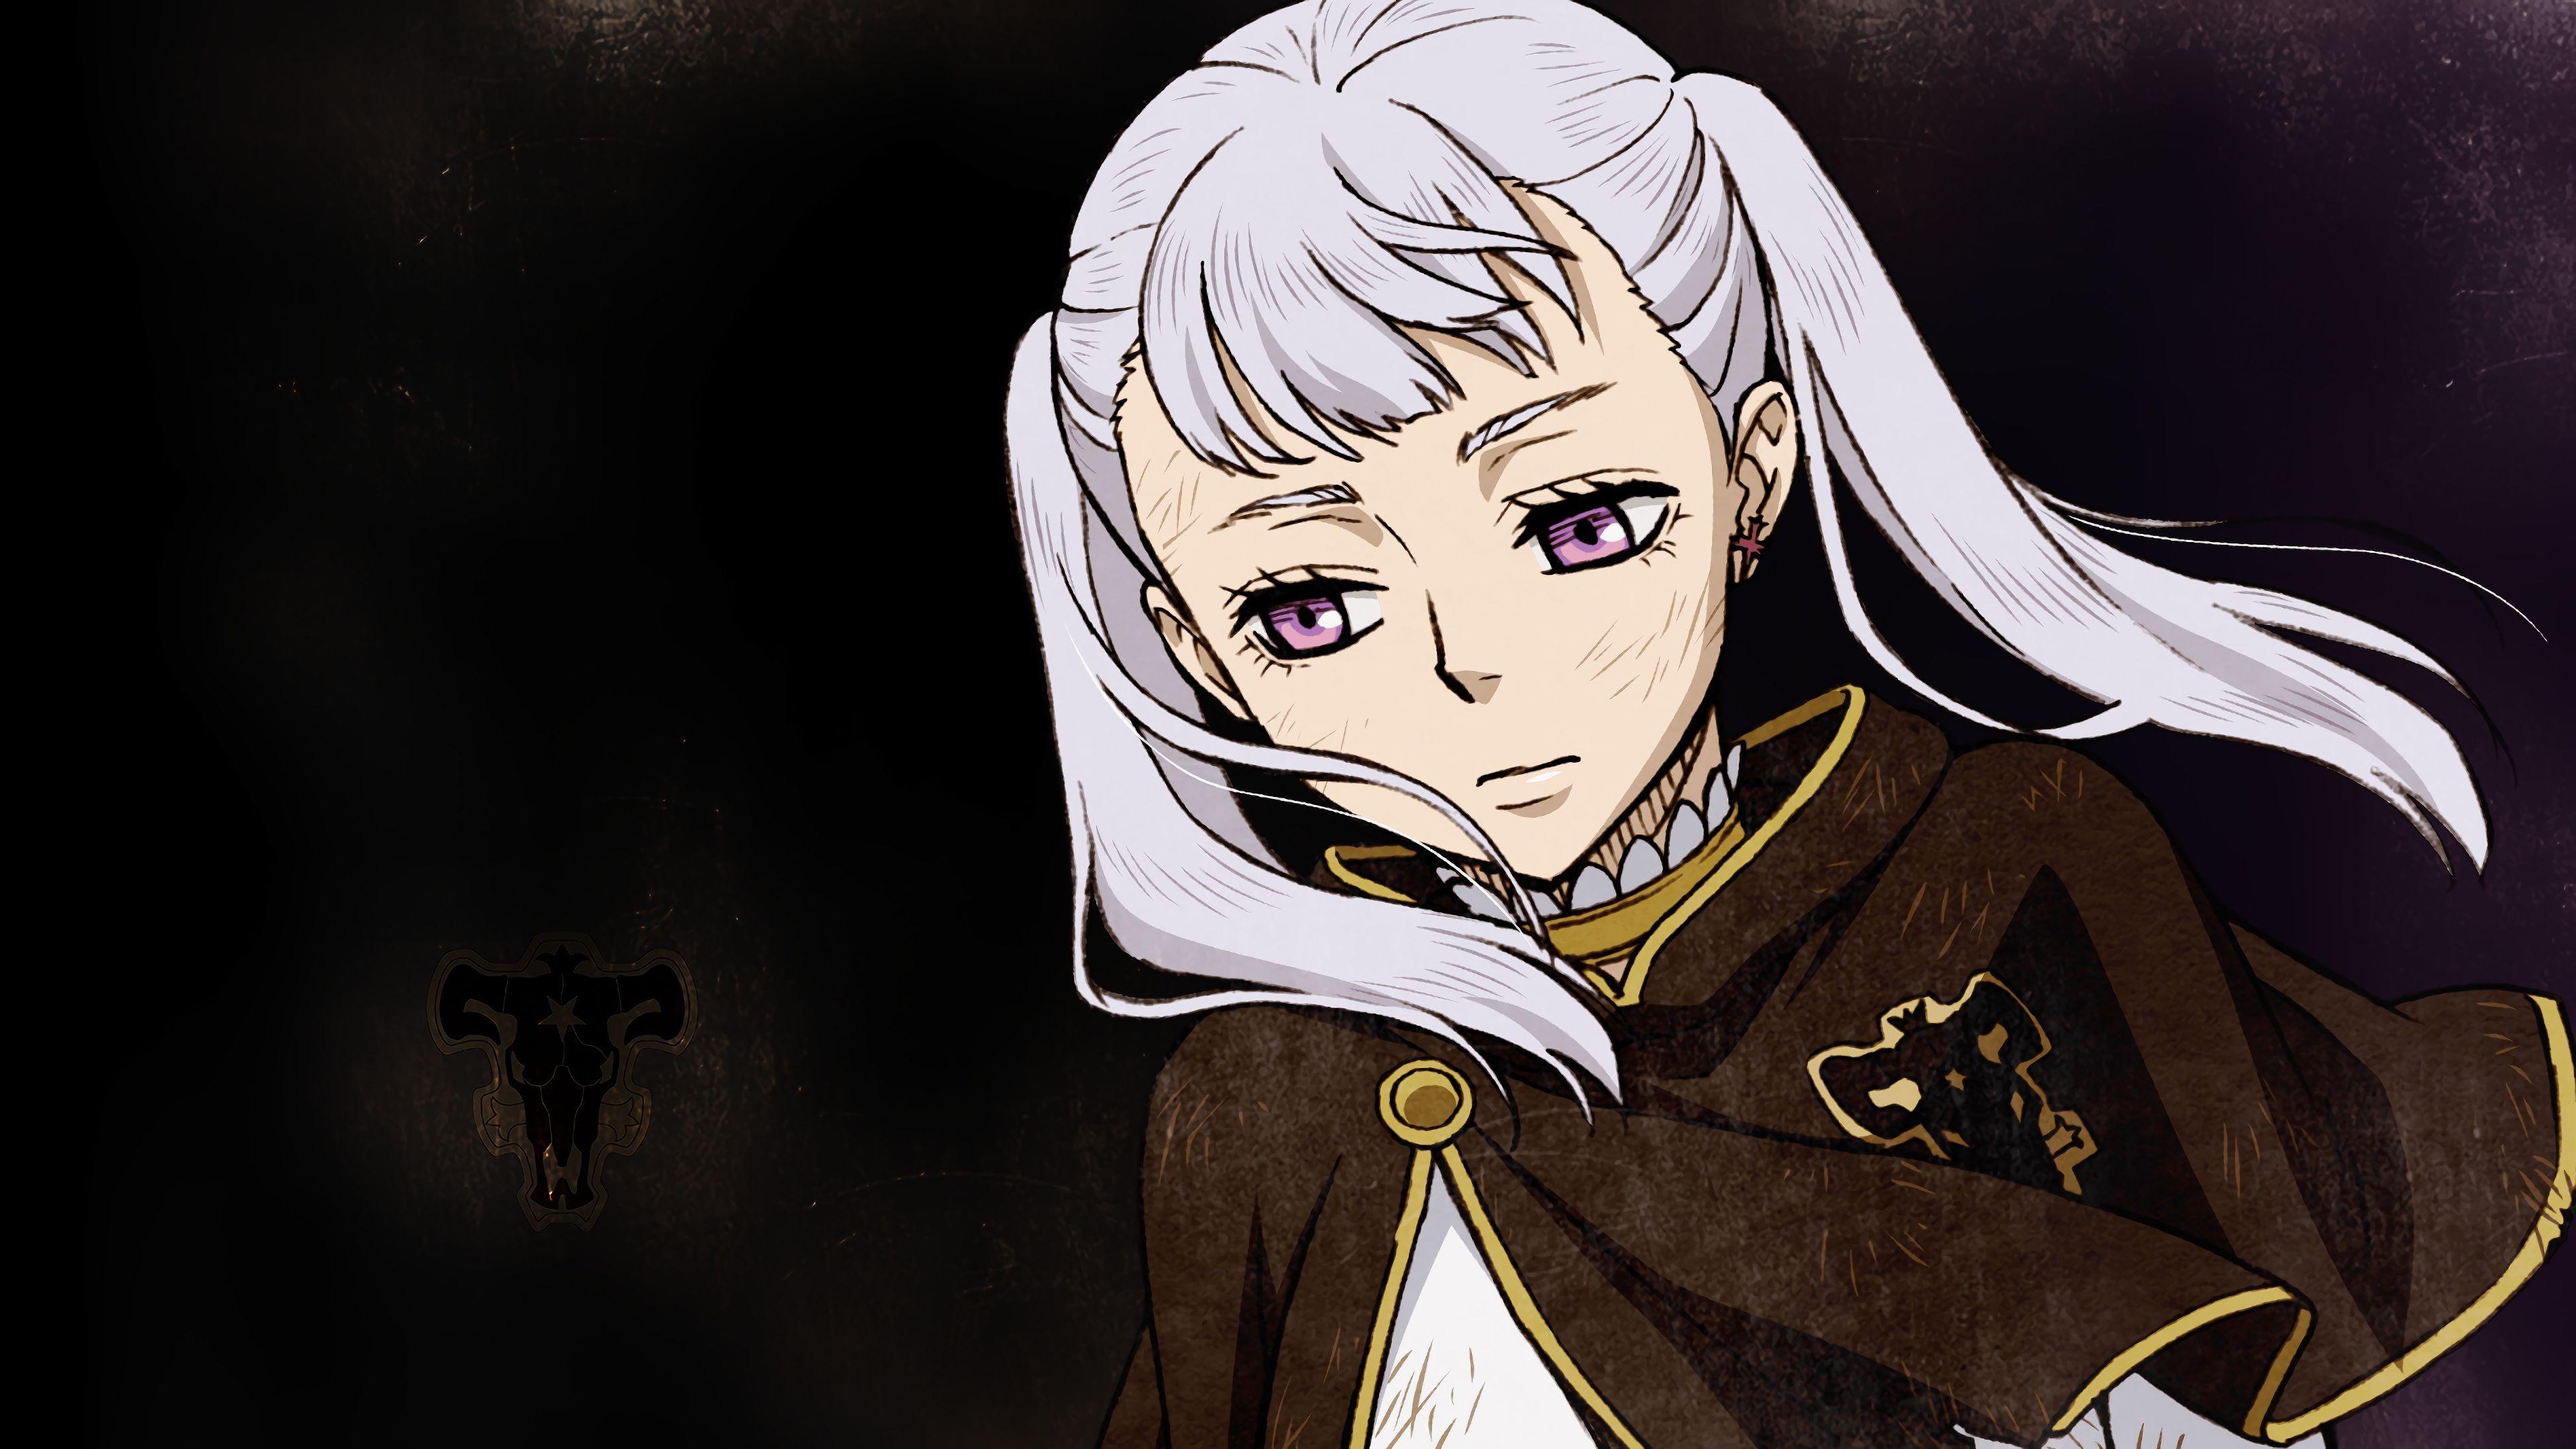 Noelle Silva Black Clover 4k 7138 Black Clover Anime Anime Black Bull